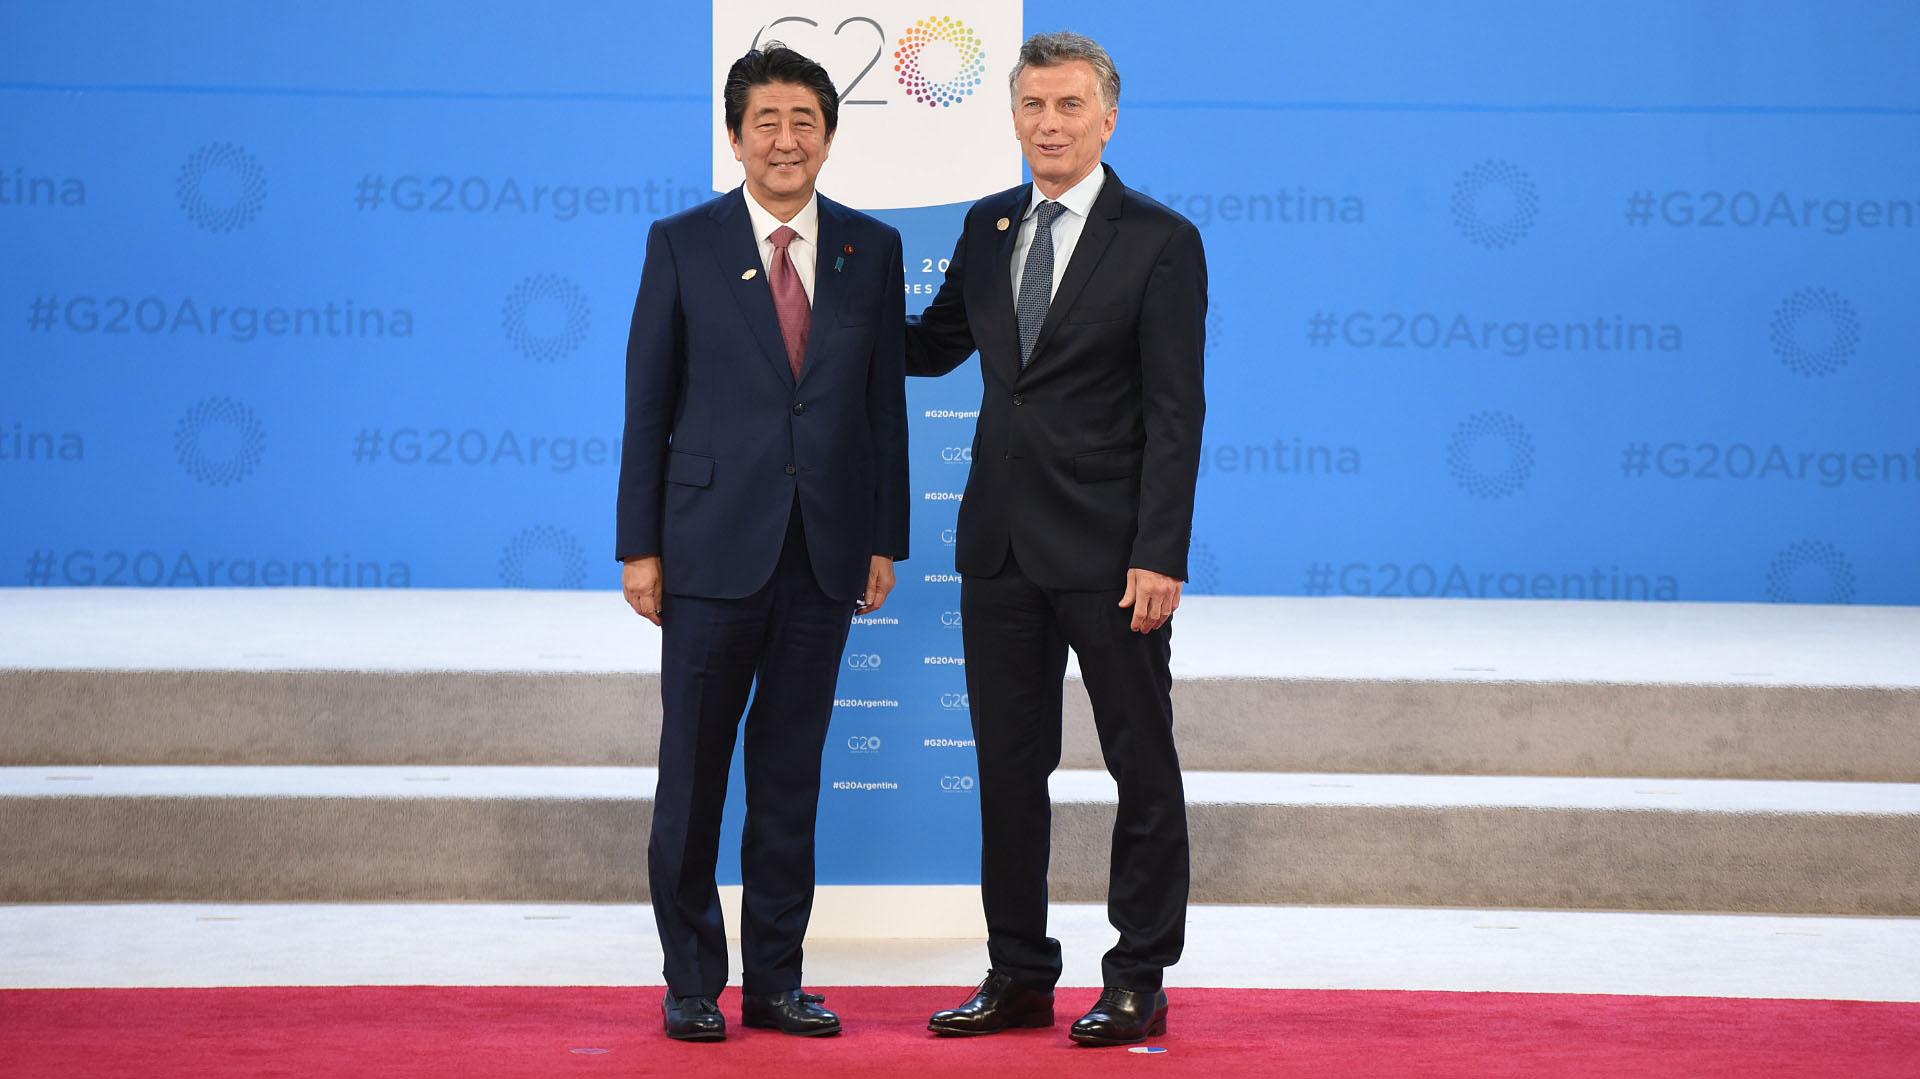 Macri y Xi Jinping